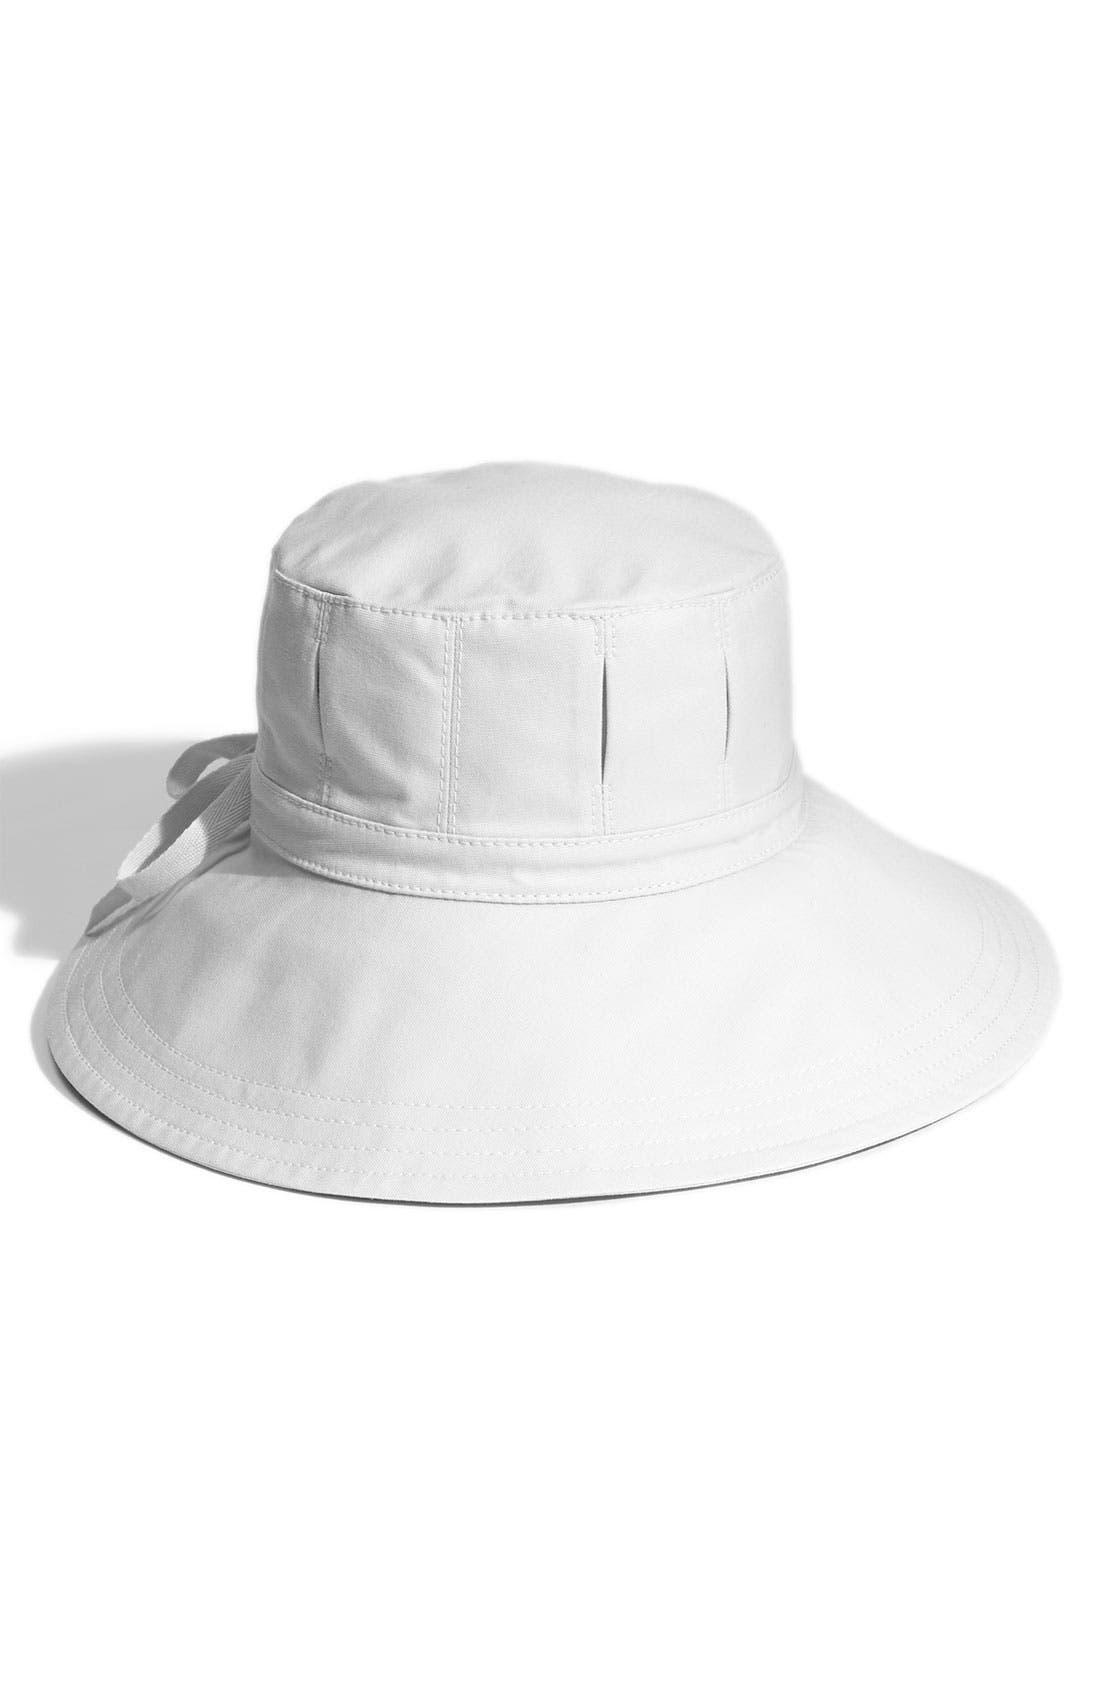 Main Image - Helen Kaminski 'Indira' Cotton Canvas Sun Hat